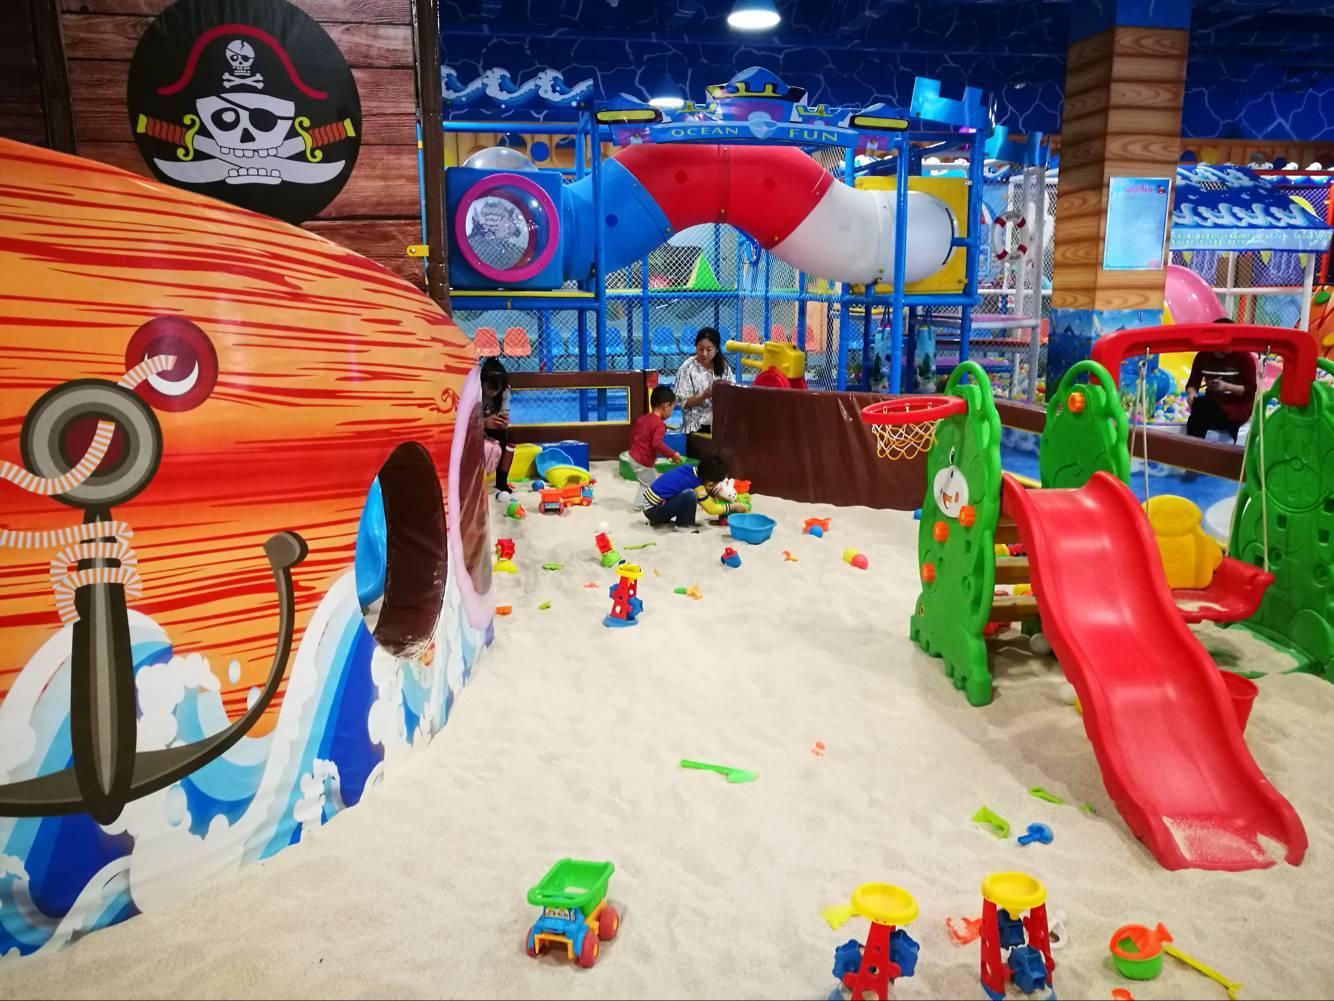 室内儿童游乐场价格_室内儿童游乐场投资怎么规划